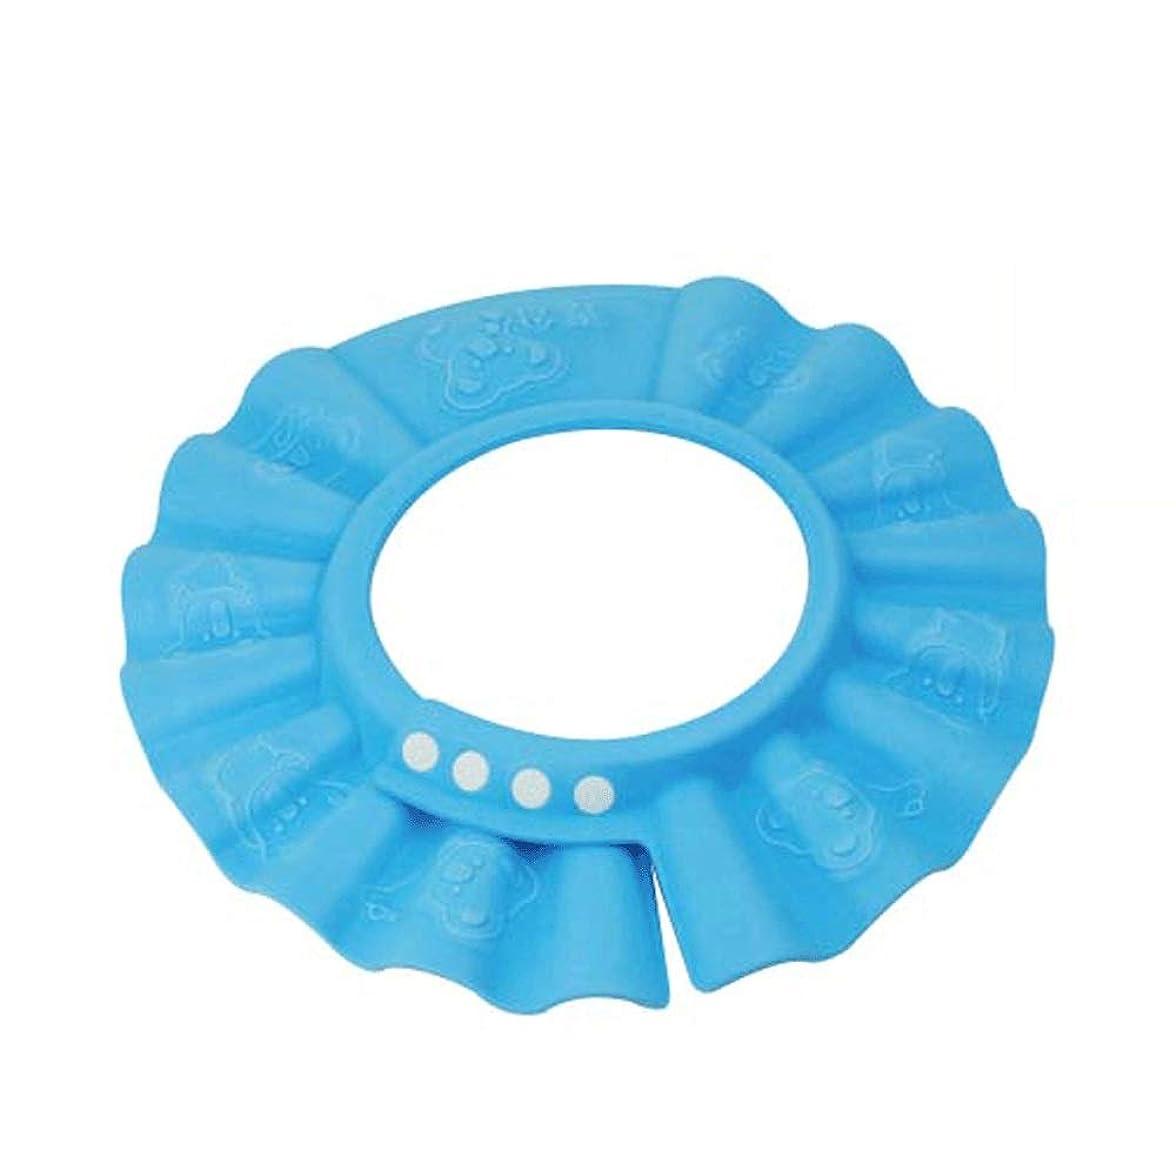 暴行提案する余計な家庭用品 シャワーキャップベビーシャンプーキャップチャイルドシャンプーキャップ調整可能な防水イヤープロテクター (Color : A)